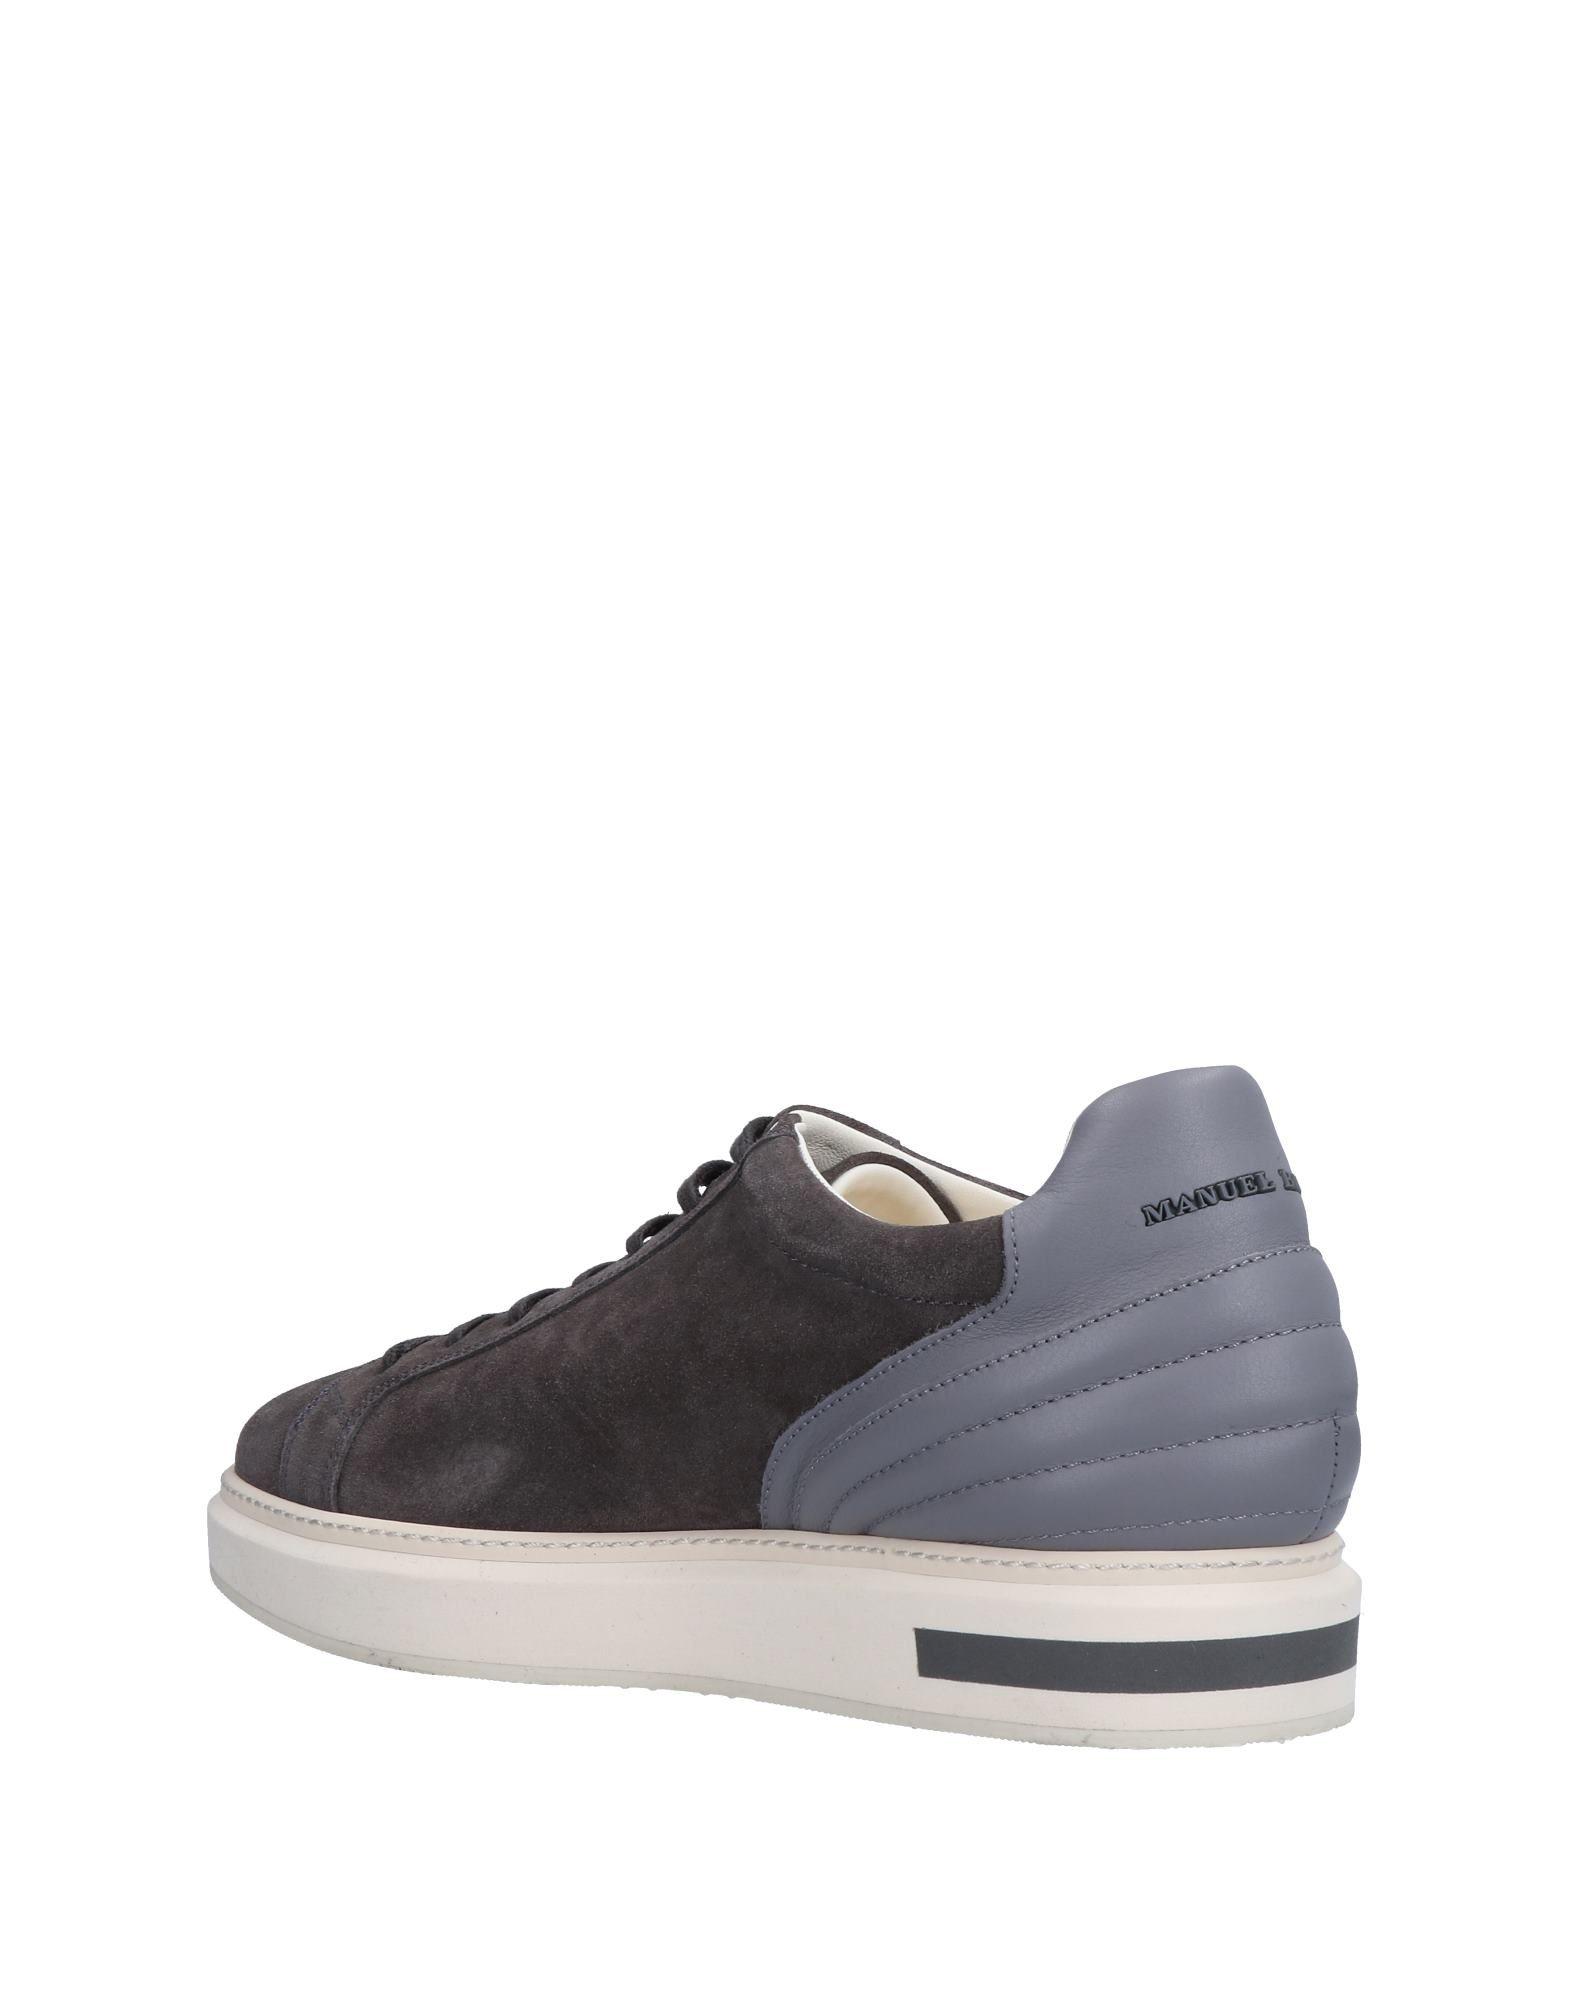 Rabatt echte Schuhe Manuel Barceló Sneakers Herren  11517148XL